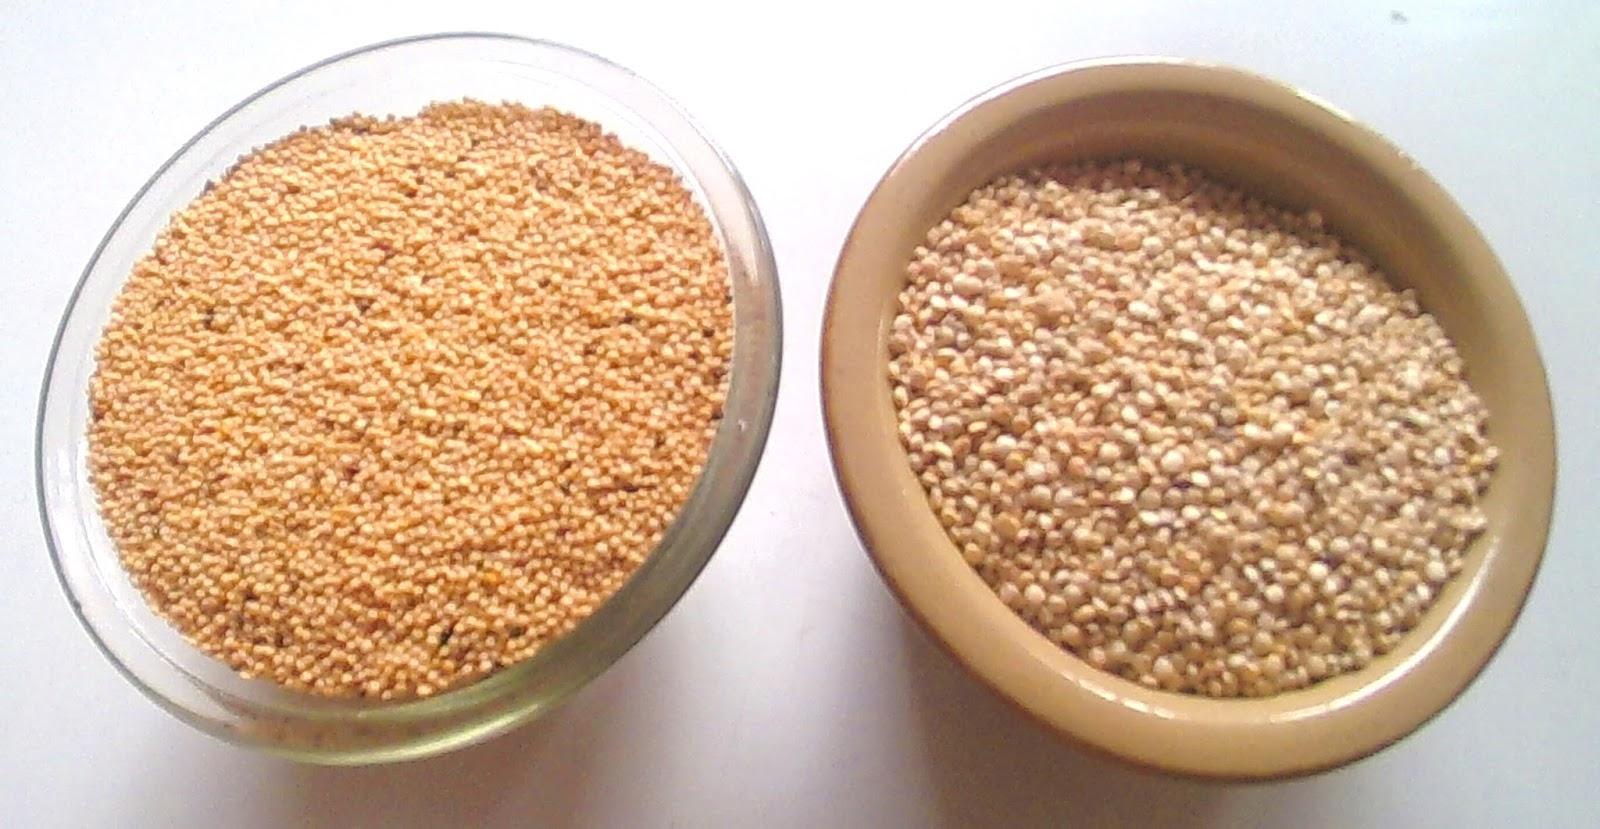 Bonito como cocinar amaranto en grano im genes tabule for Cocinar quinoa al vapor